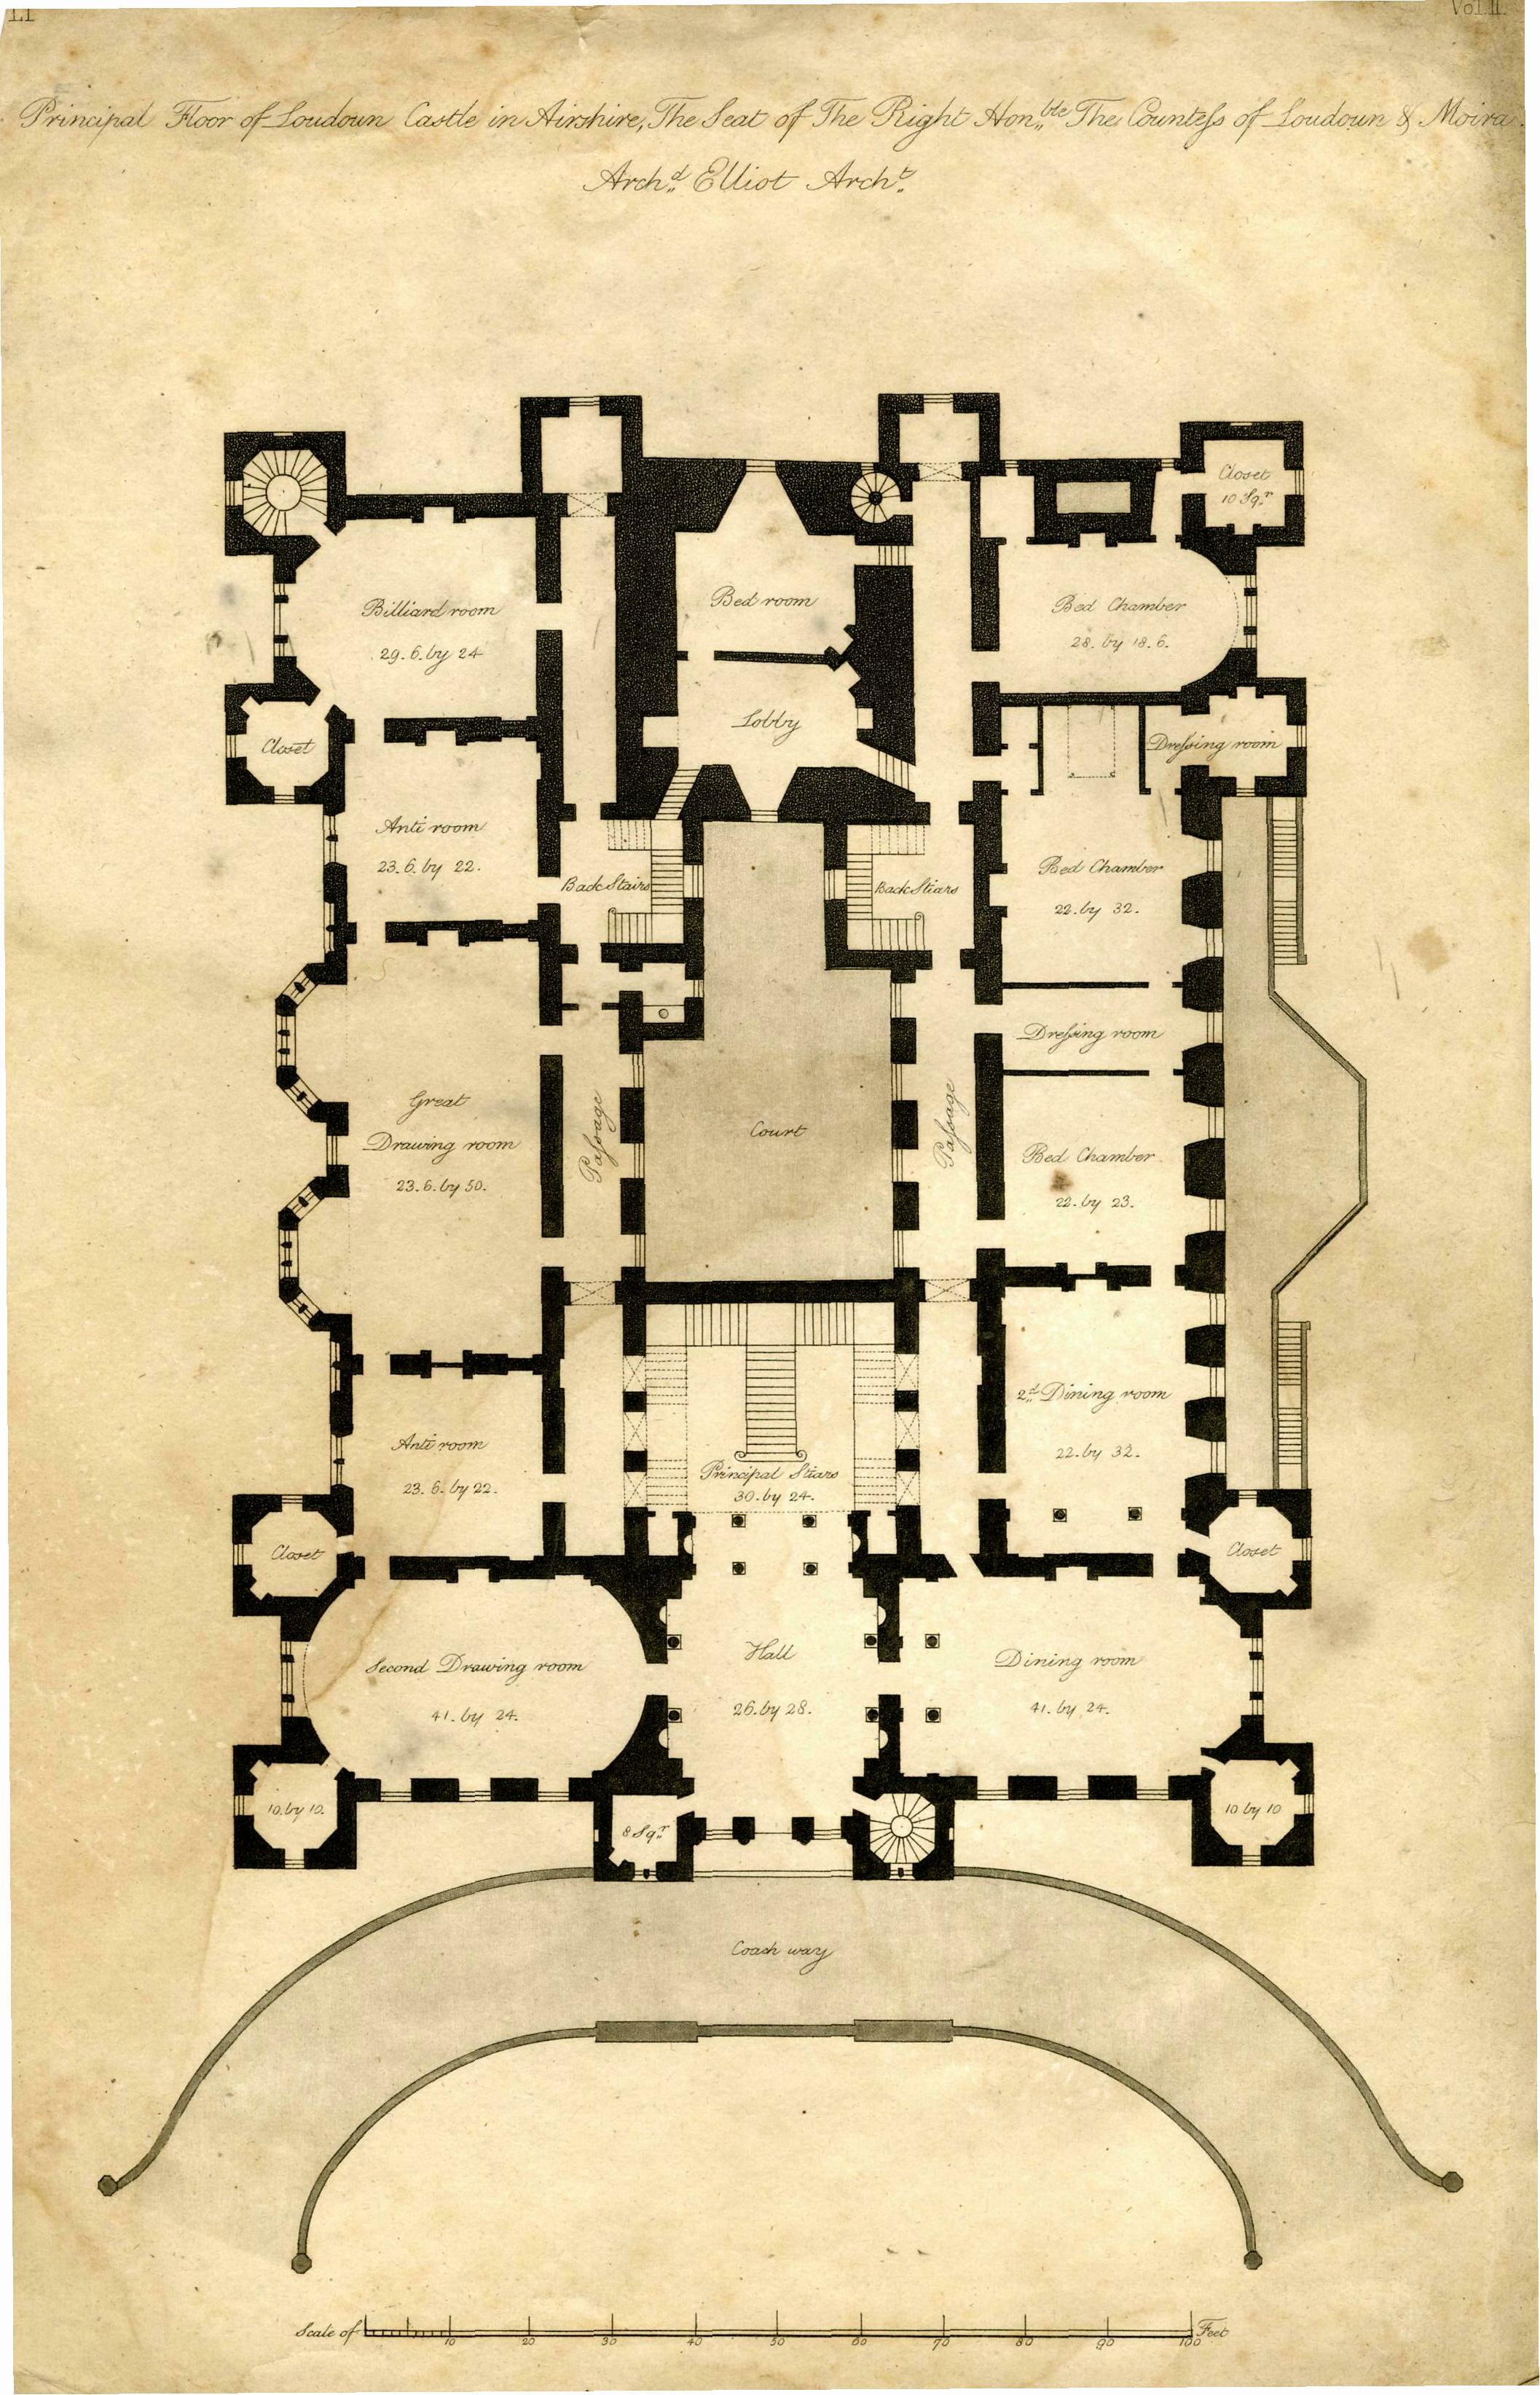 Architect's Plan of Loudoun Castle 1805